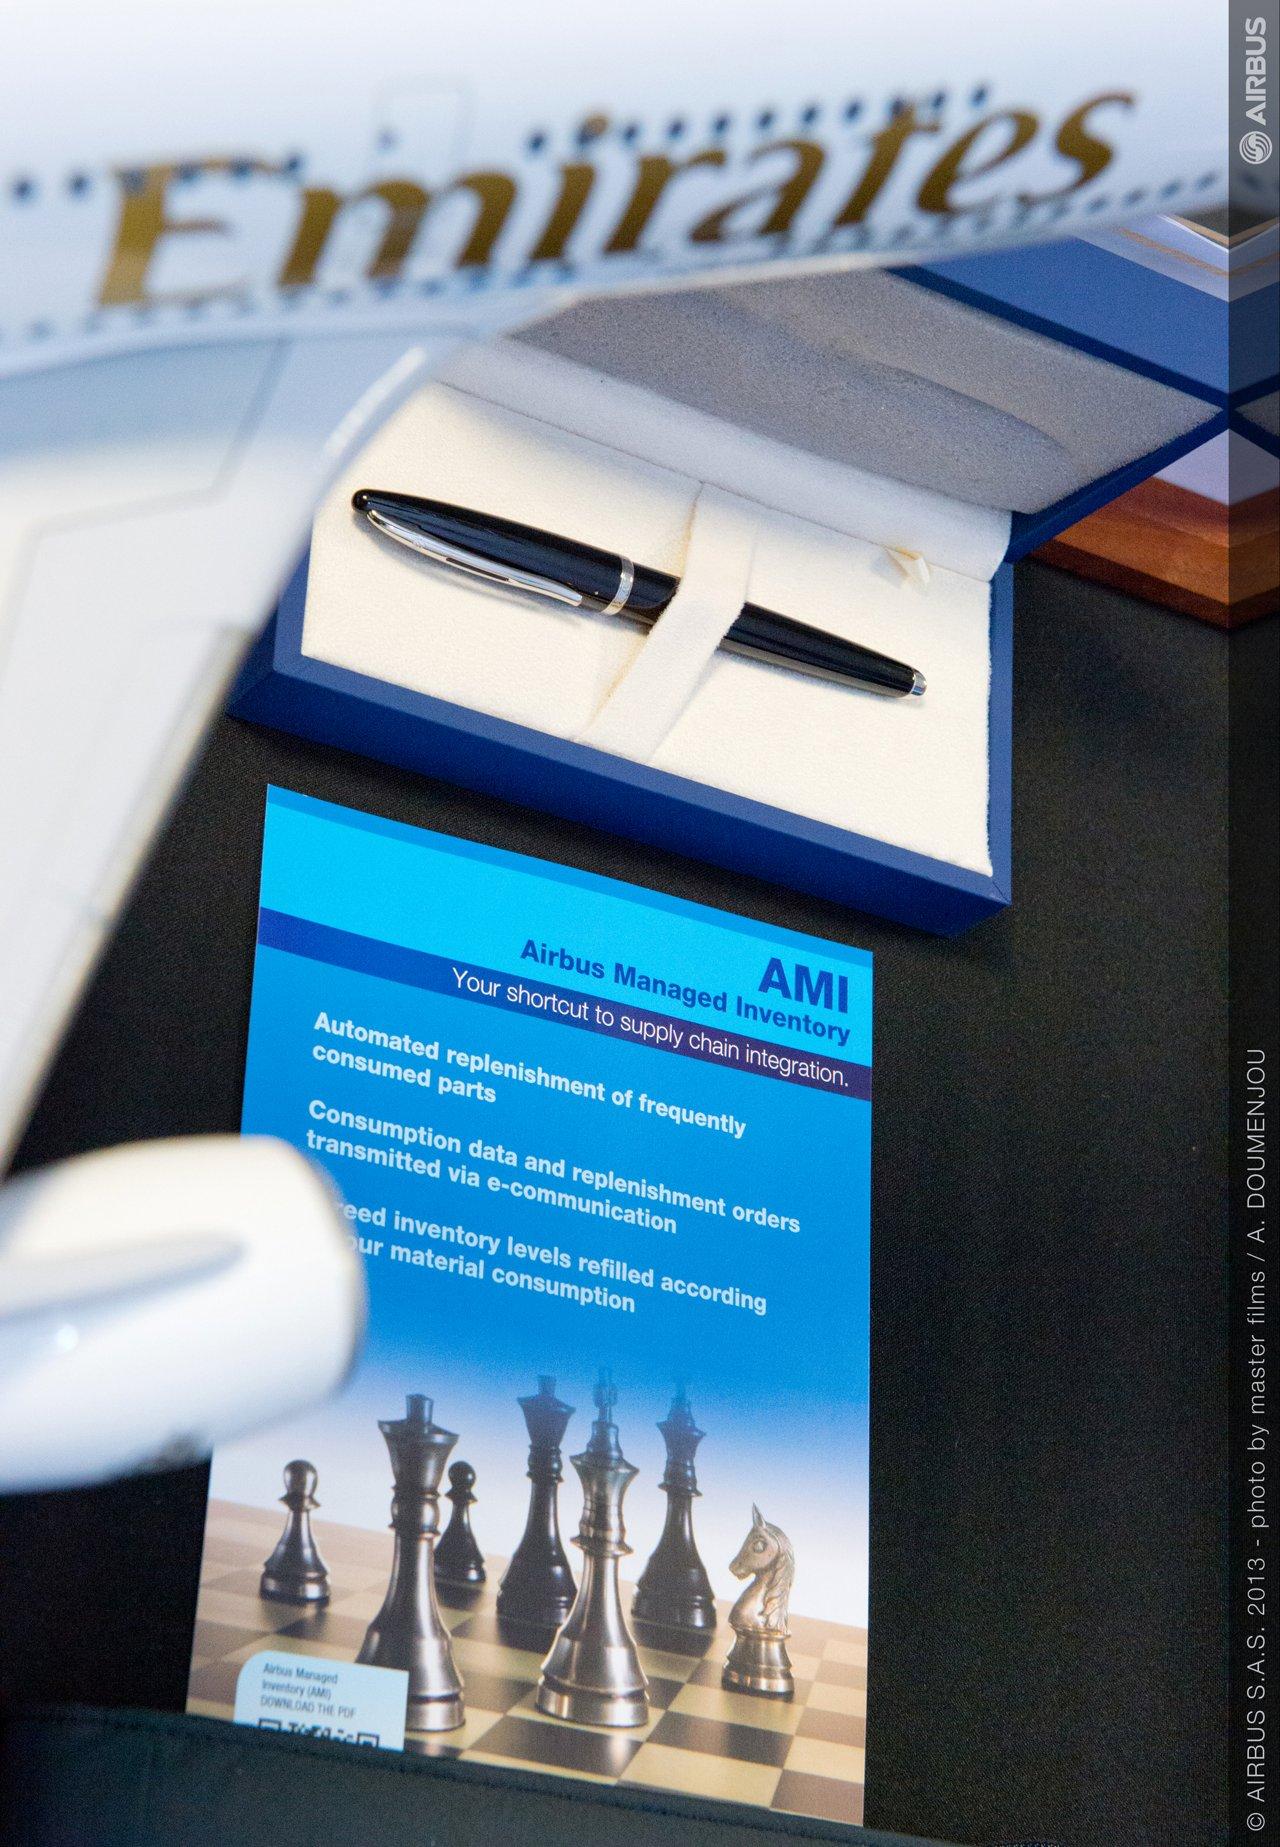 AMI Emirates signature 01